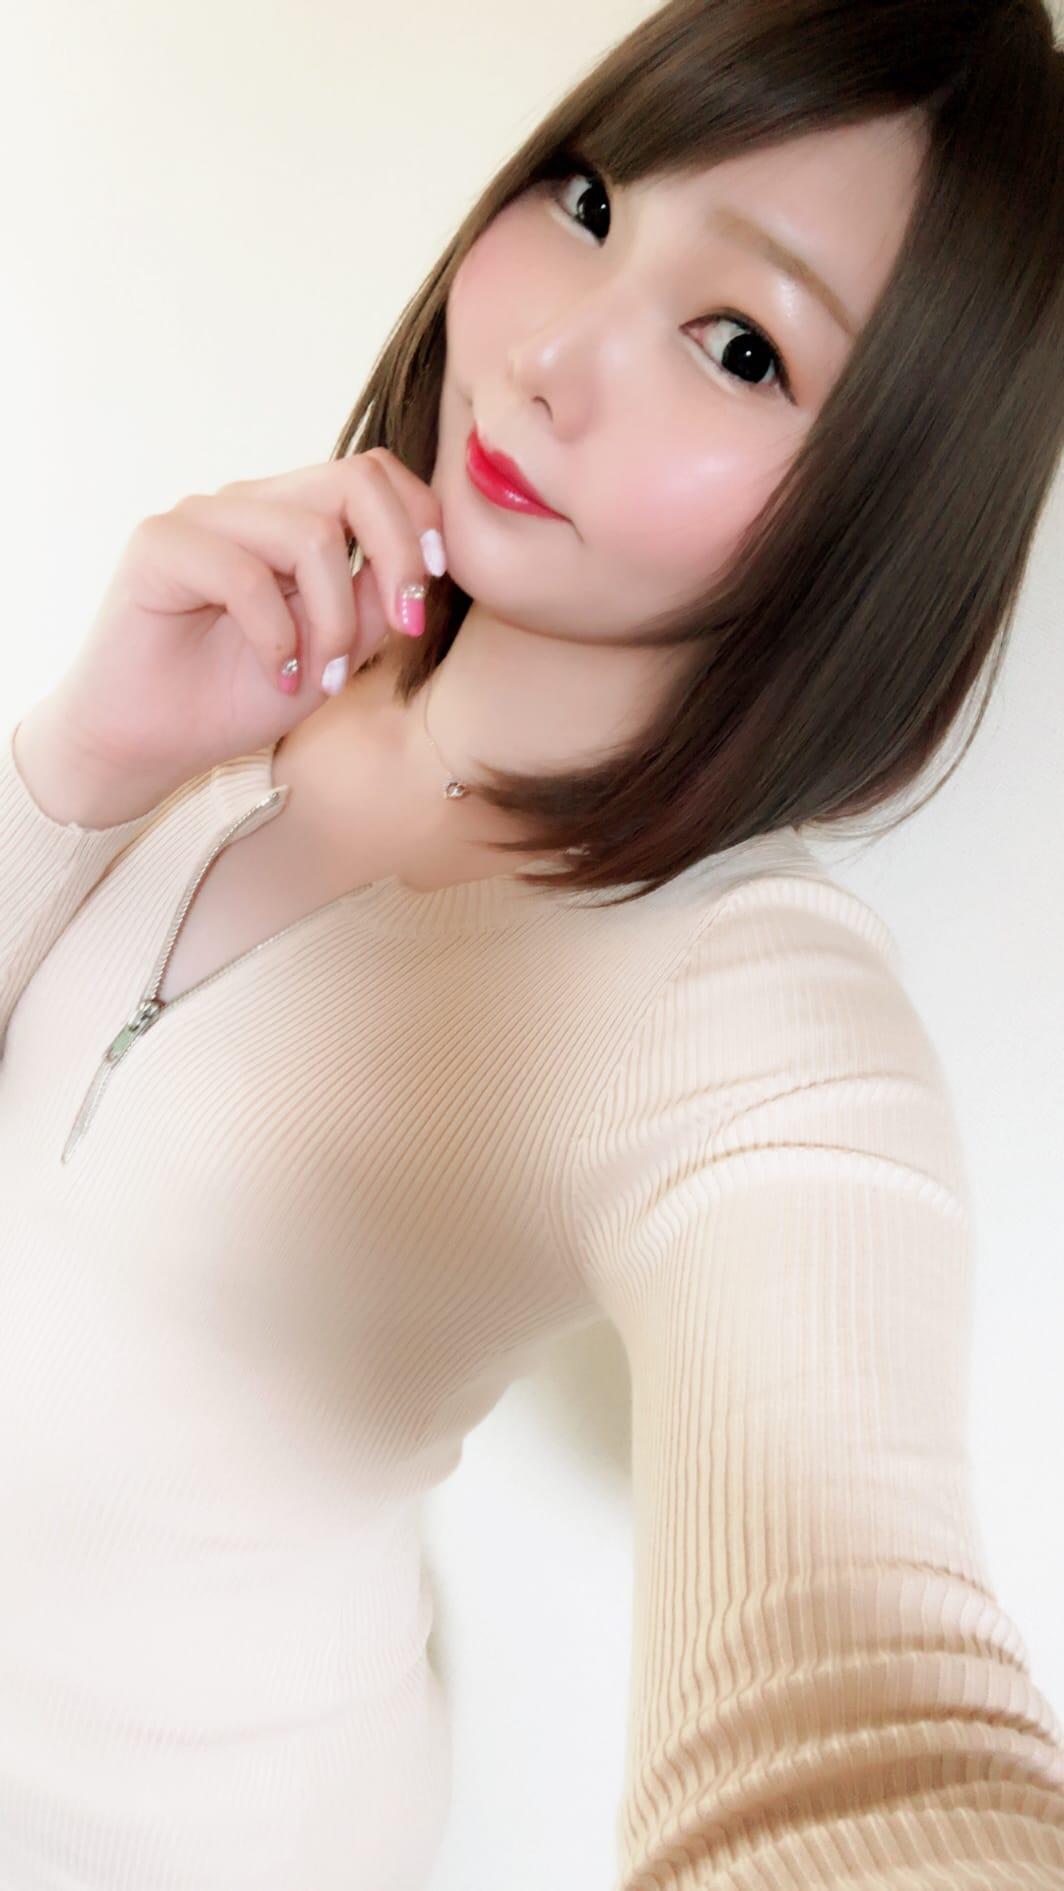 「早速(*)」01/18(木) 13:18 | 増田ゆめの写メ・風俗動画